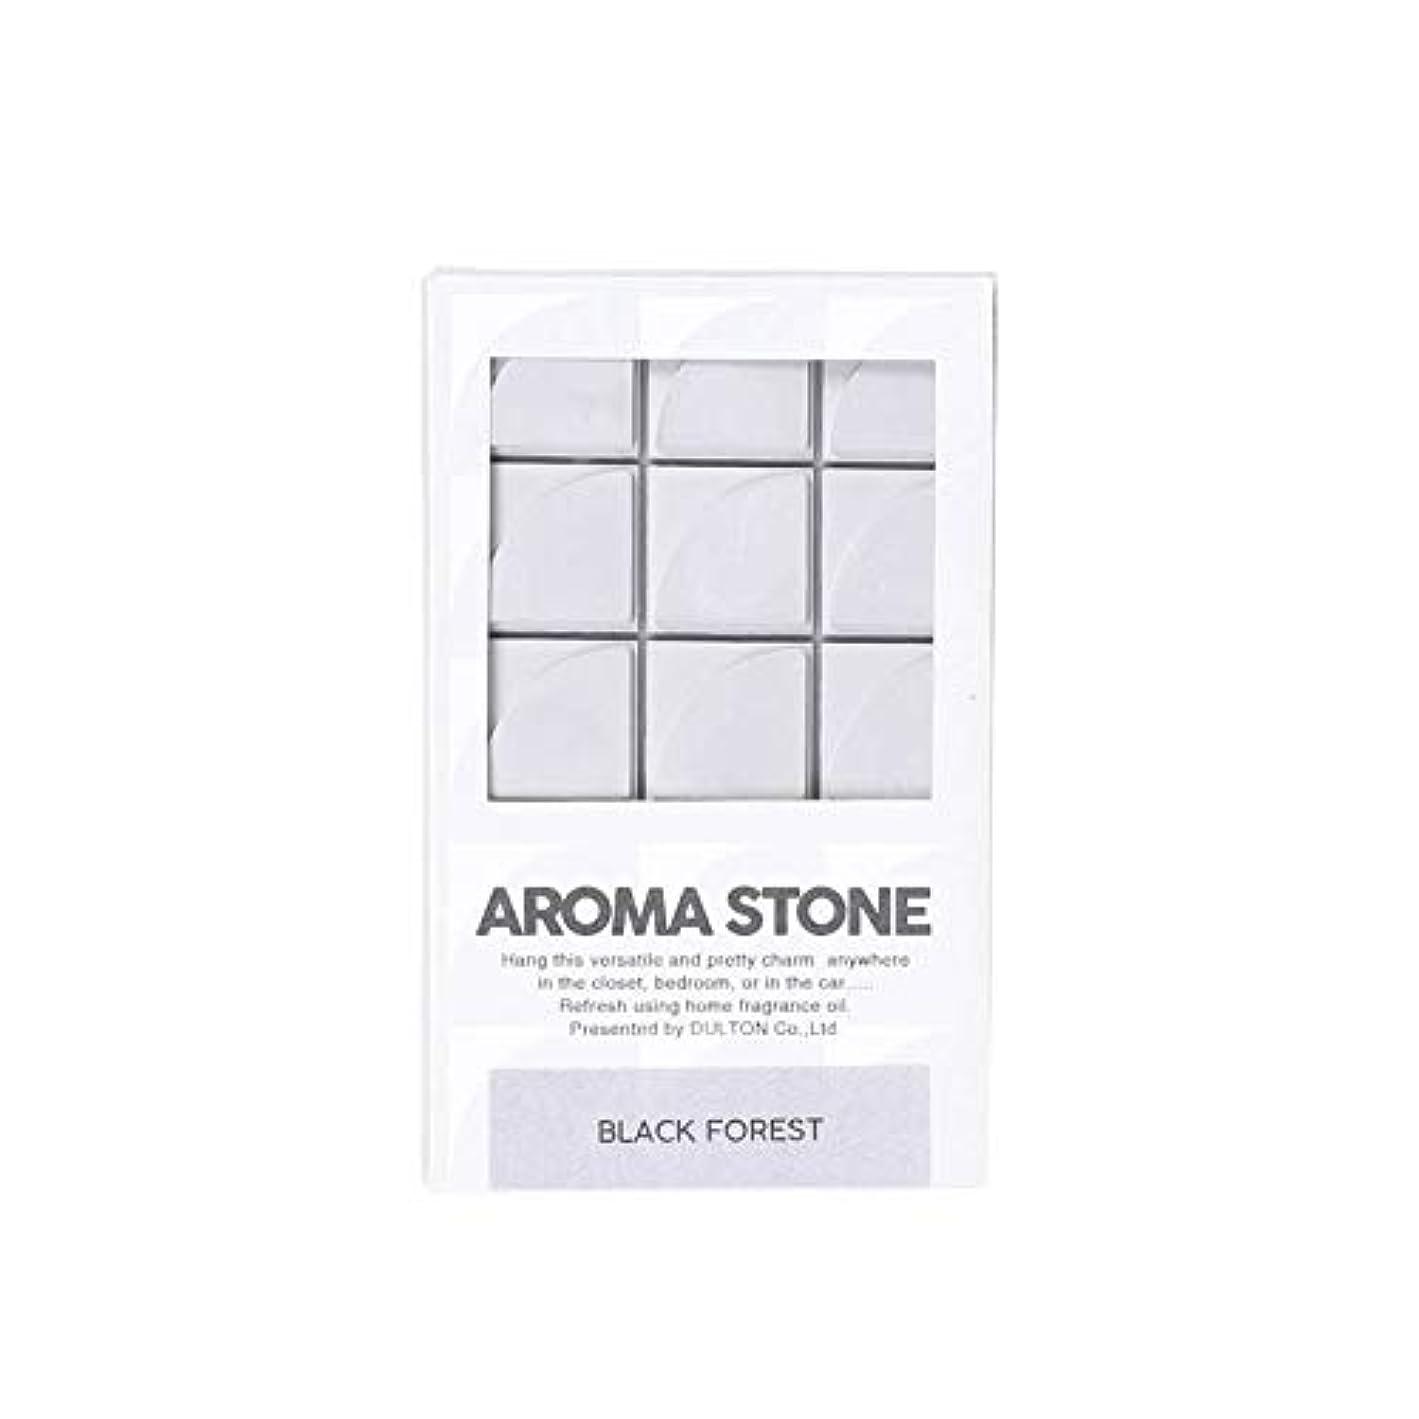 フォーク子供っぽい変数ダルトン Aroma stone アロマストーン G975-1268 Black forest